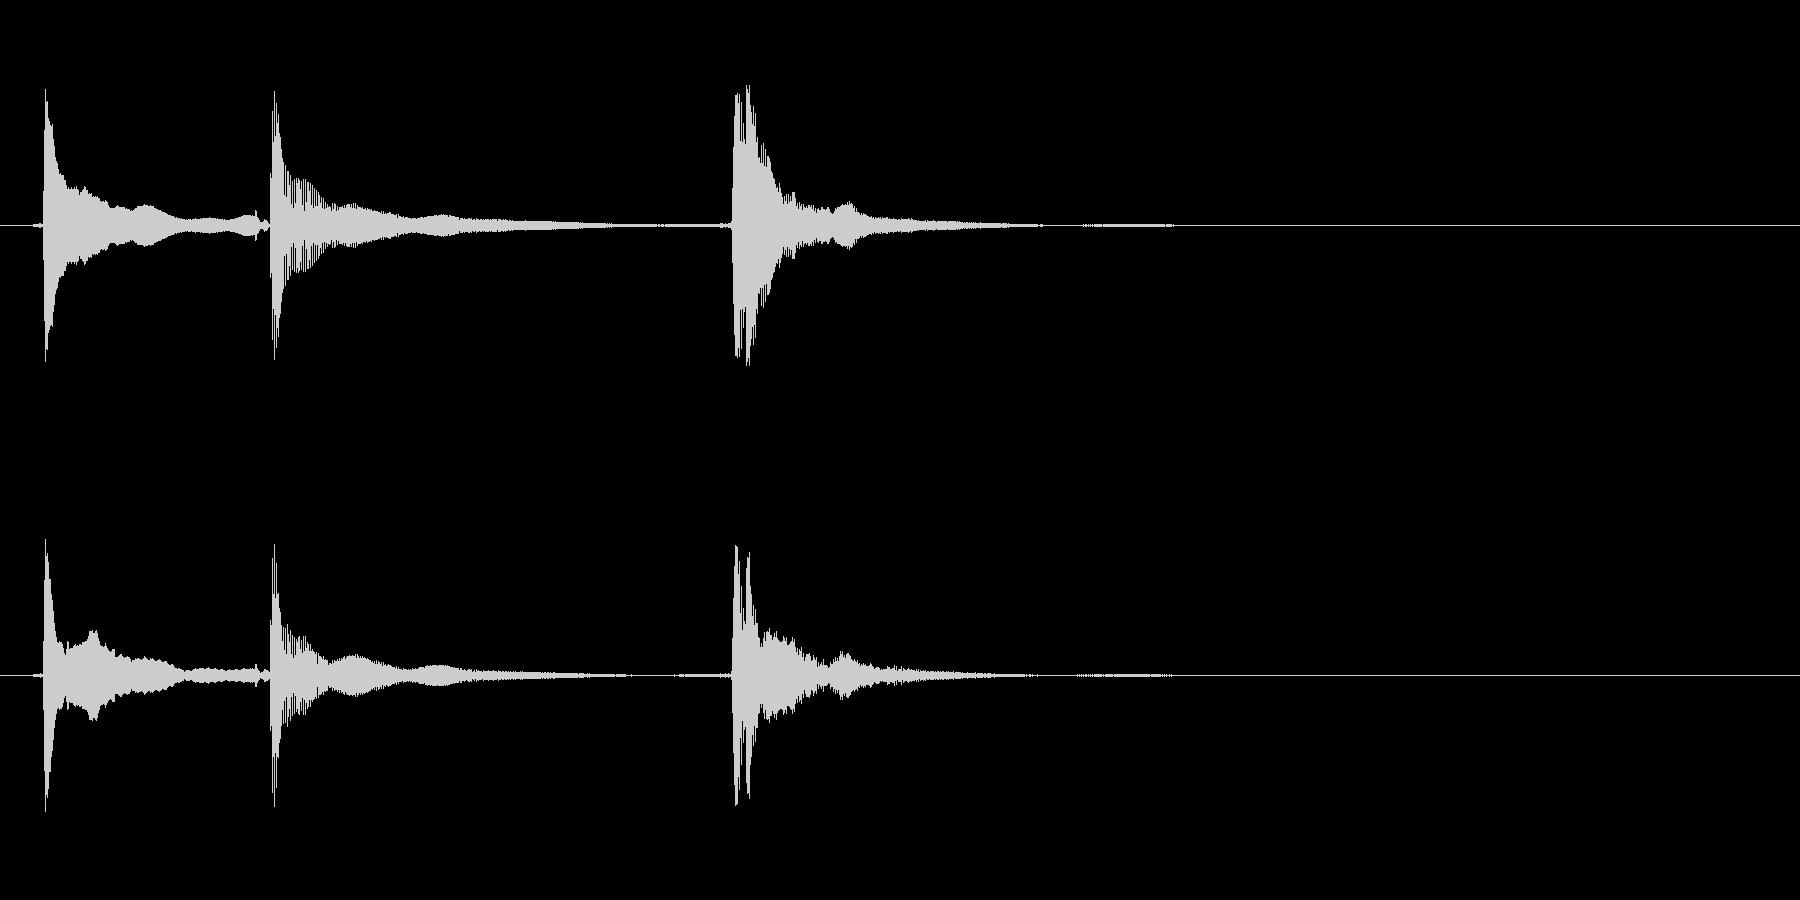 三味線のチントンシャン終わりのジングルの未再生の波形